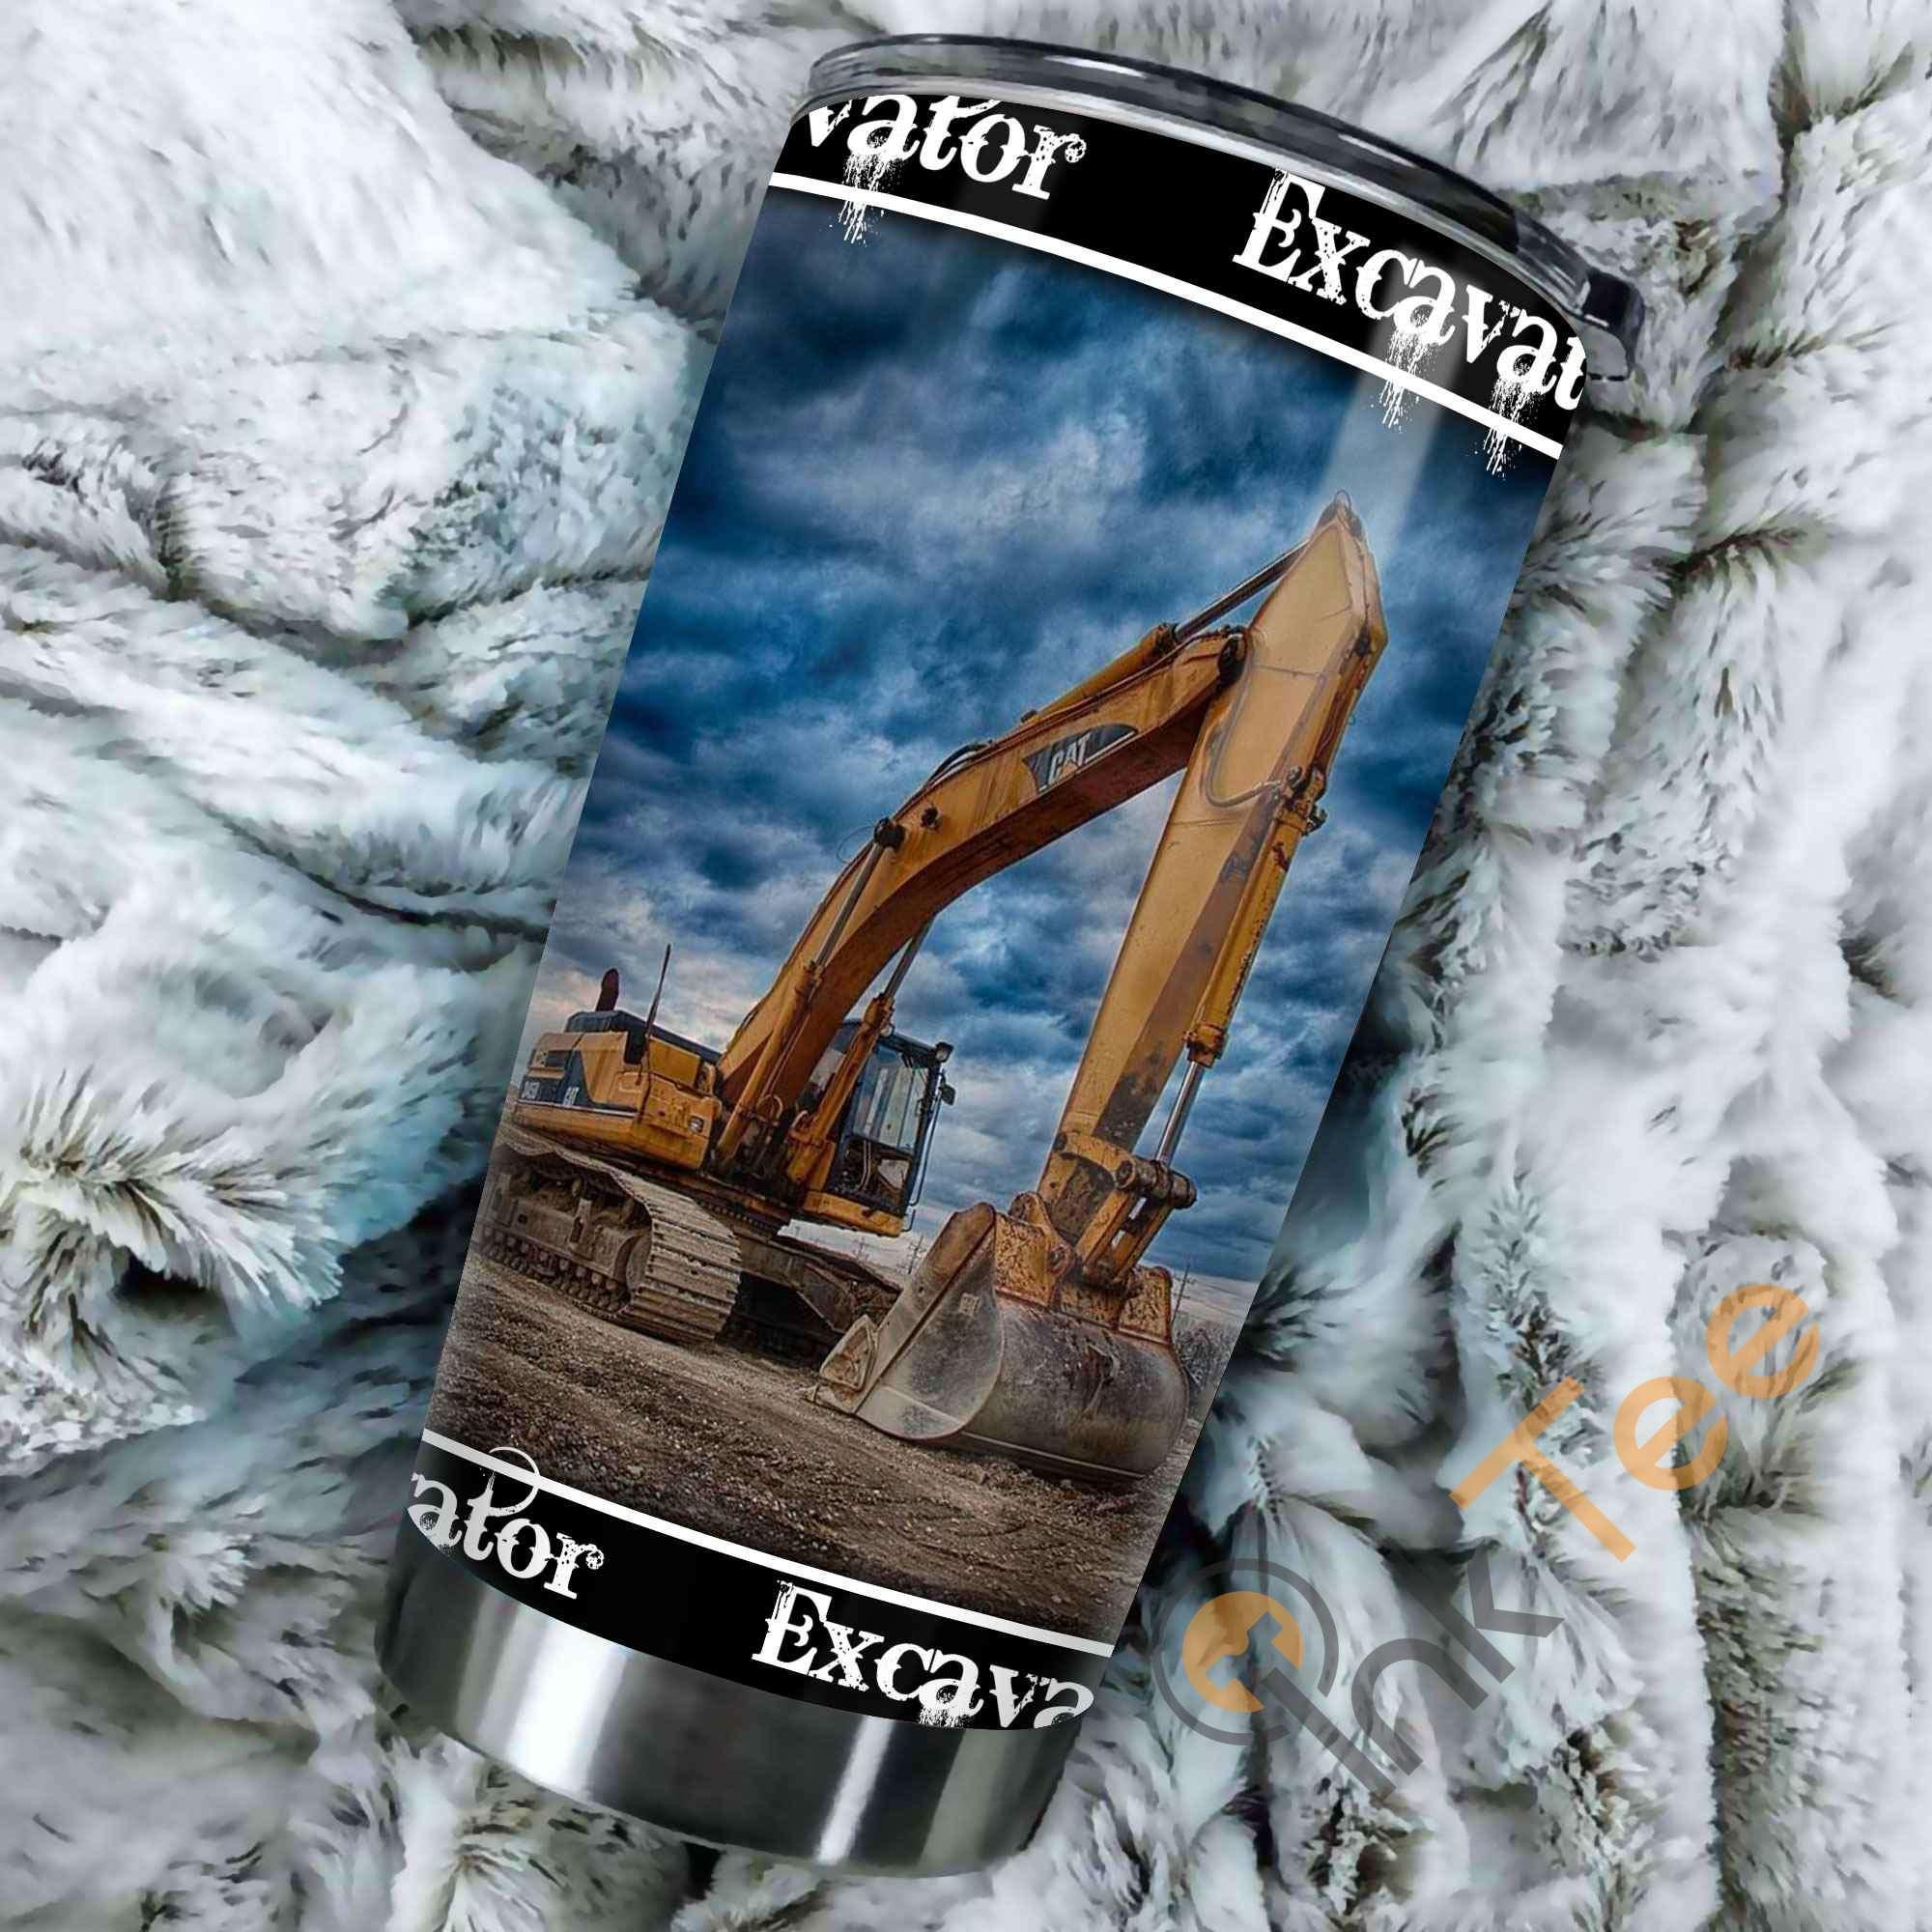 Heavy Equipment Amazon Best Seller Sku 3559 Stainless Steel Tumbler